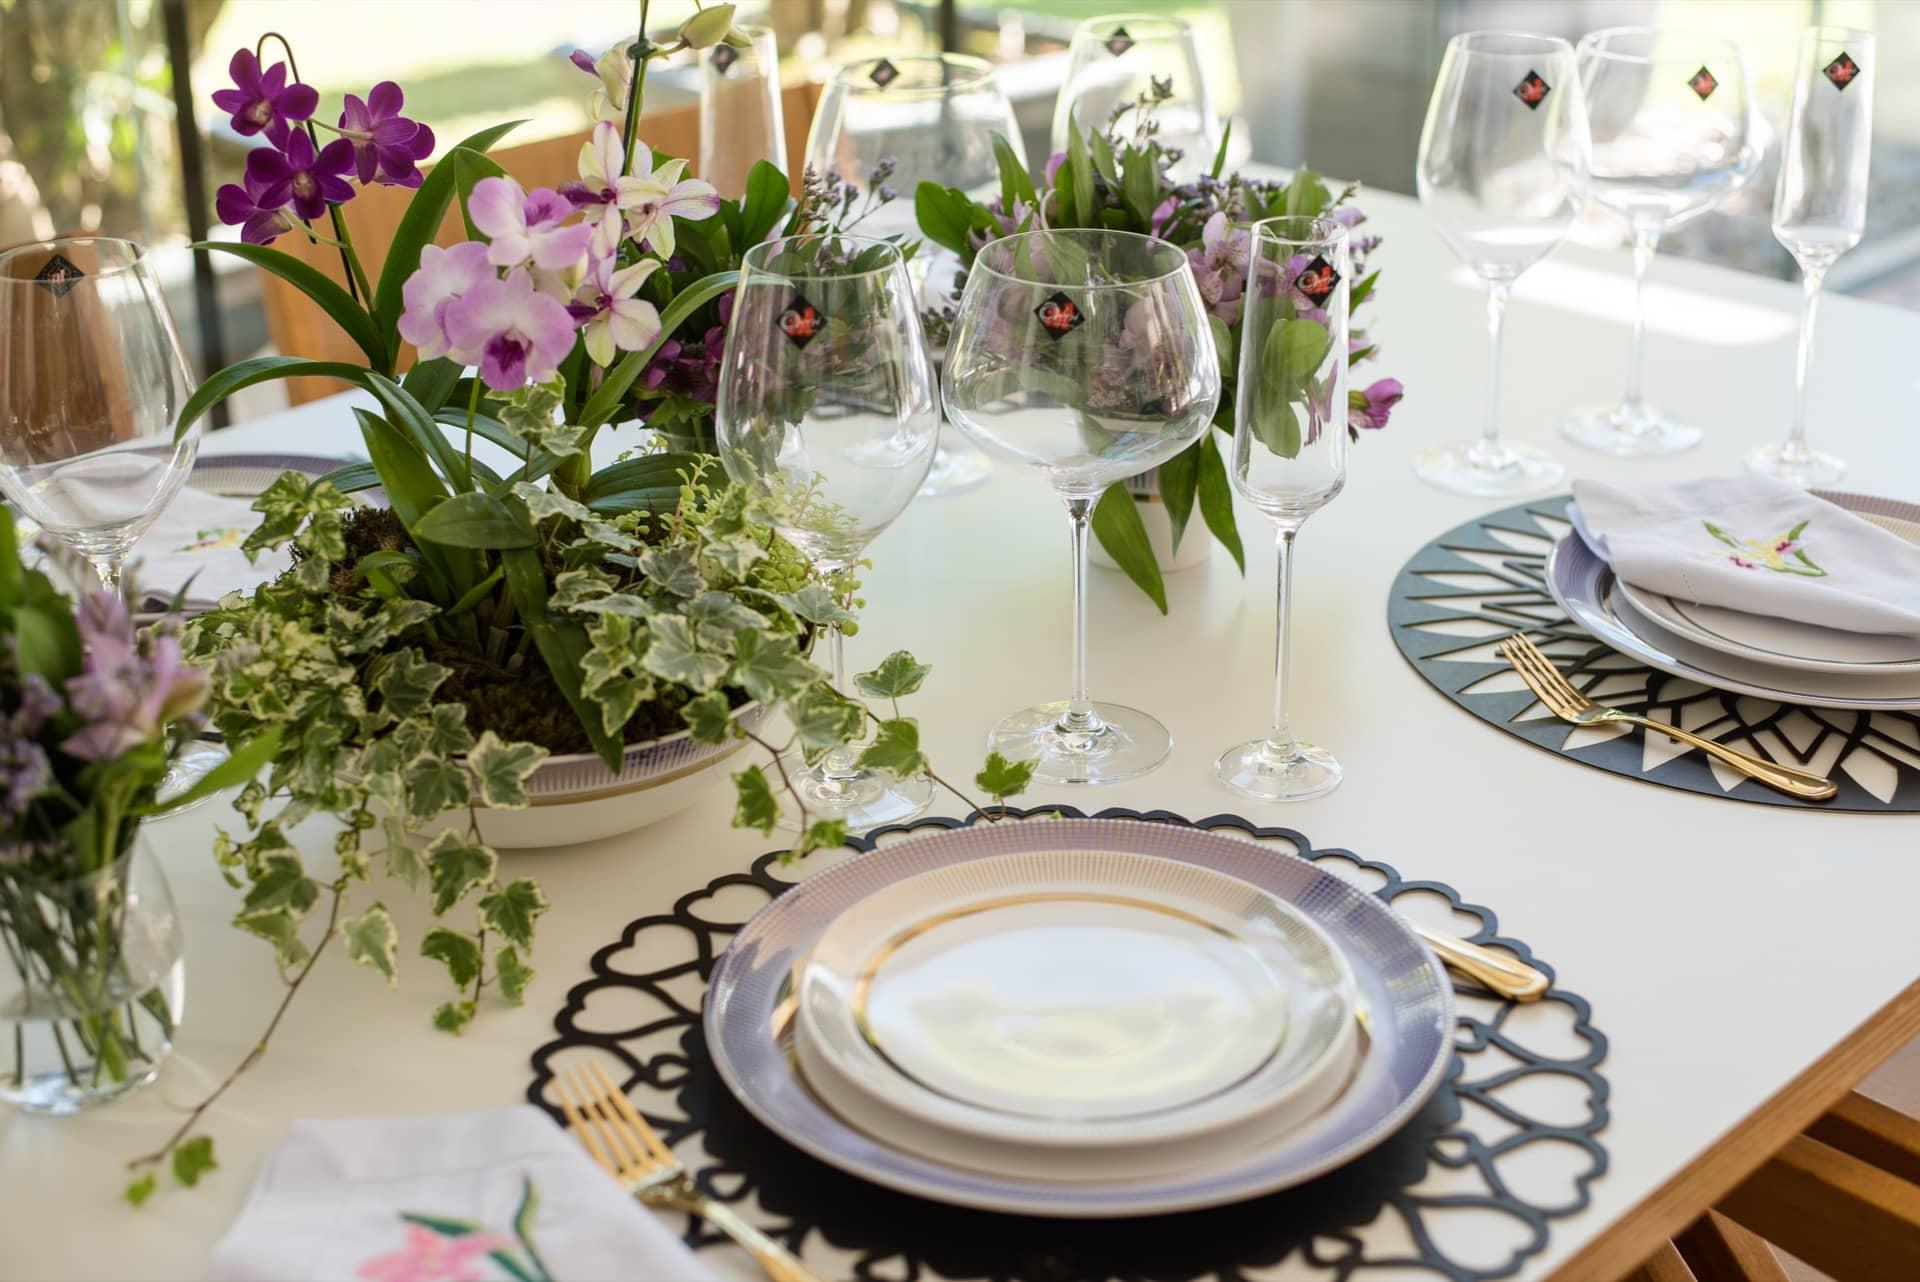 Imagem: No centro da mesa, os arranjos de flores incluem orquídeas, astromélias, musgo e hera variegata. O maior deles foi feito dentro de uma travessa de louça da coleção Coup Glam da Oxford Porcelanas. As taças de cristal são da Oxford Alumina Crystal. Foto: Karla Rudnick.